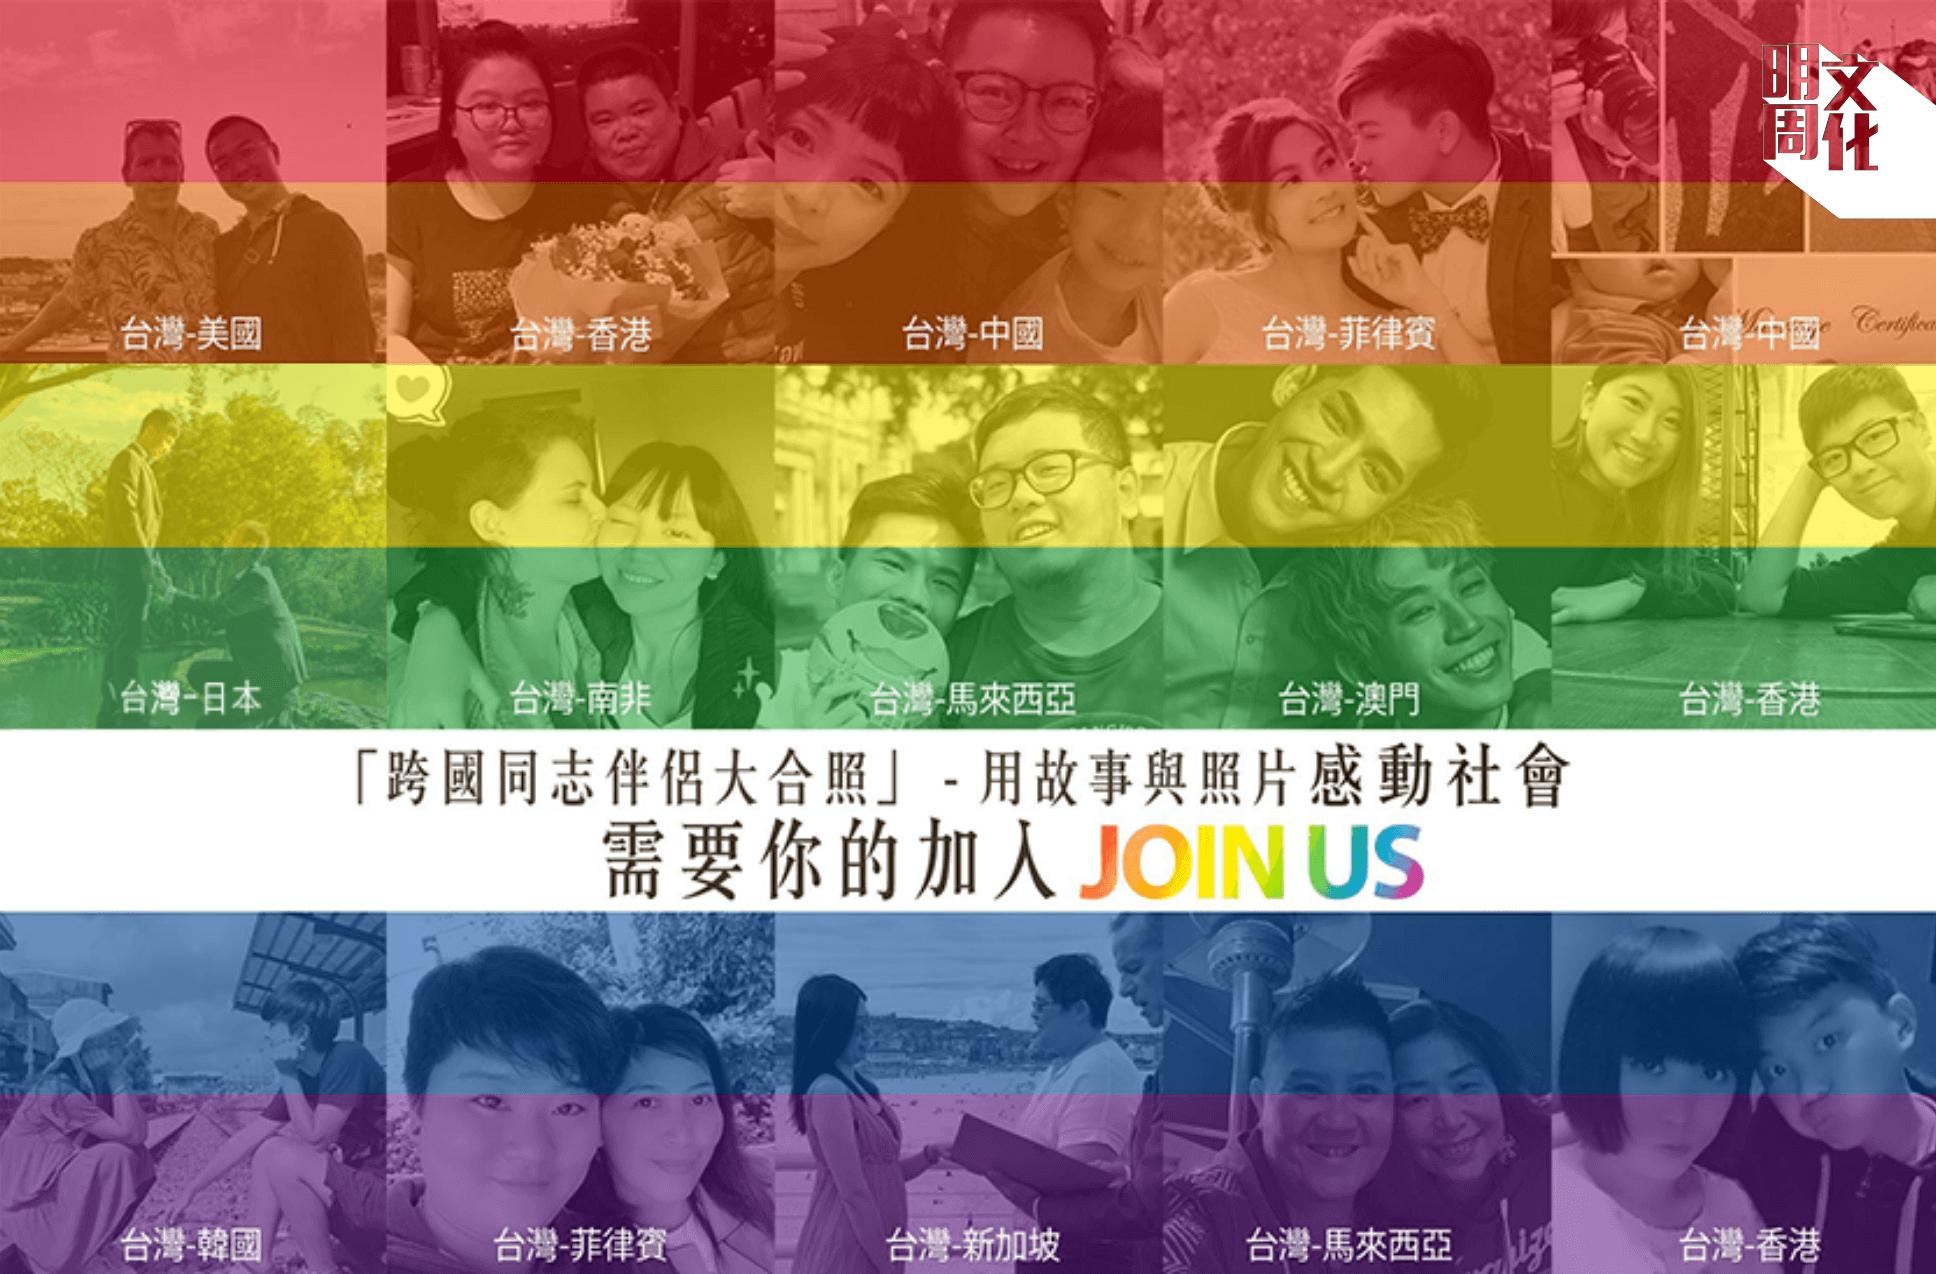 伴侶盟邀請跨國同志伴侶提交照片與故事